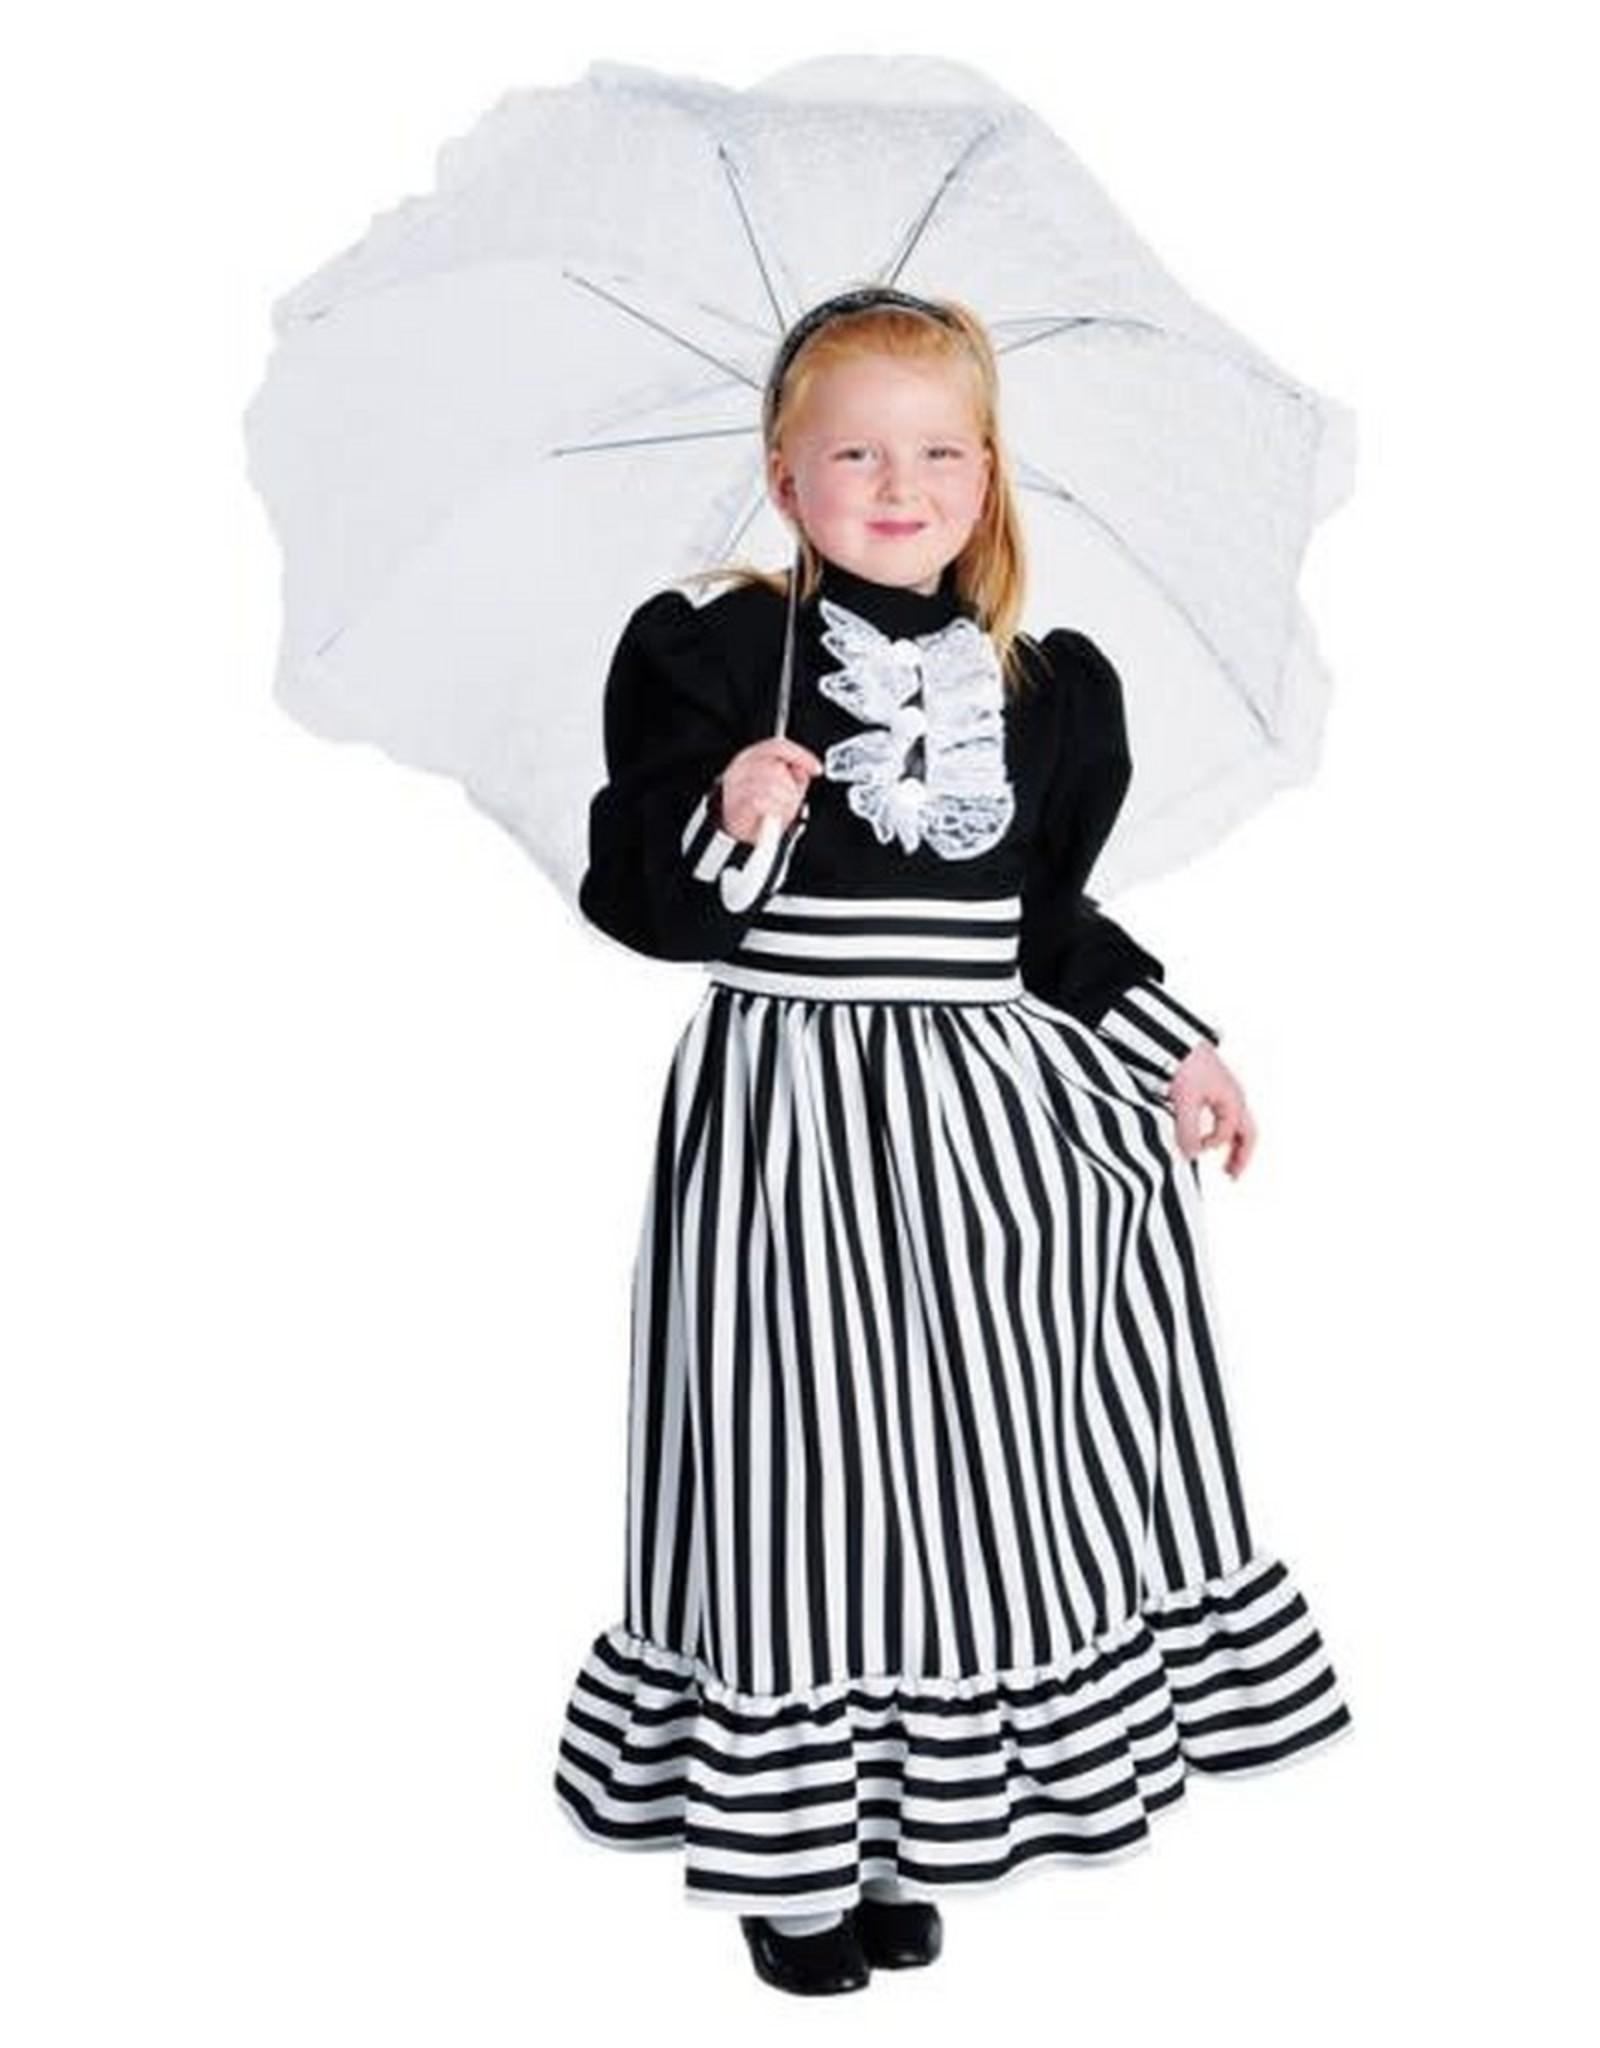 MAGIC kleine dame huurprijs 15